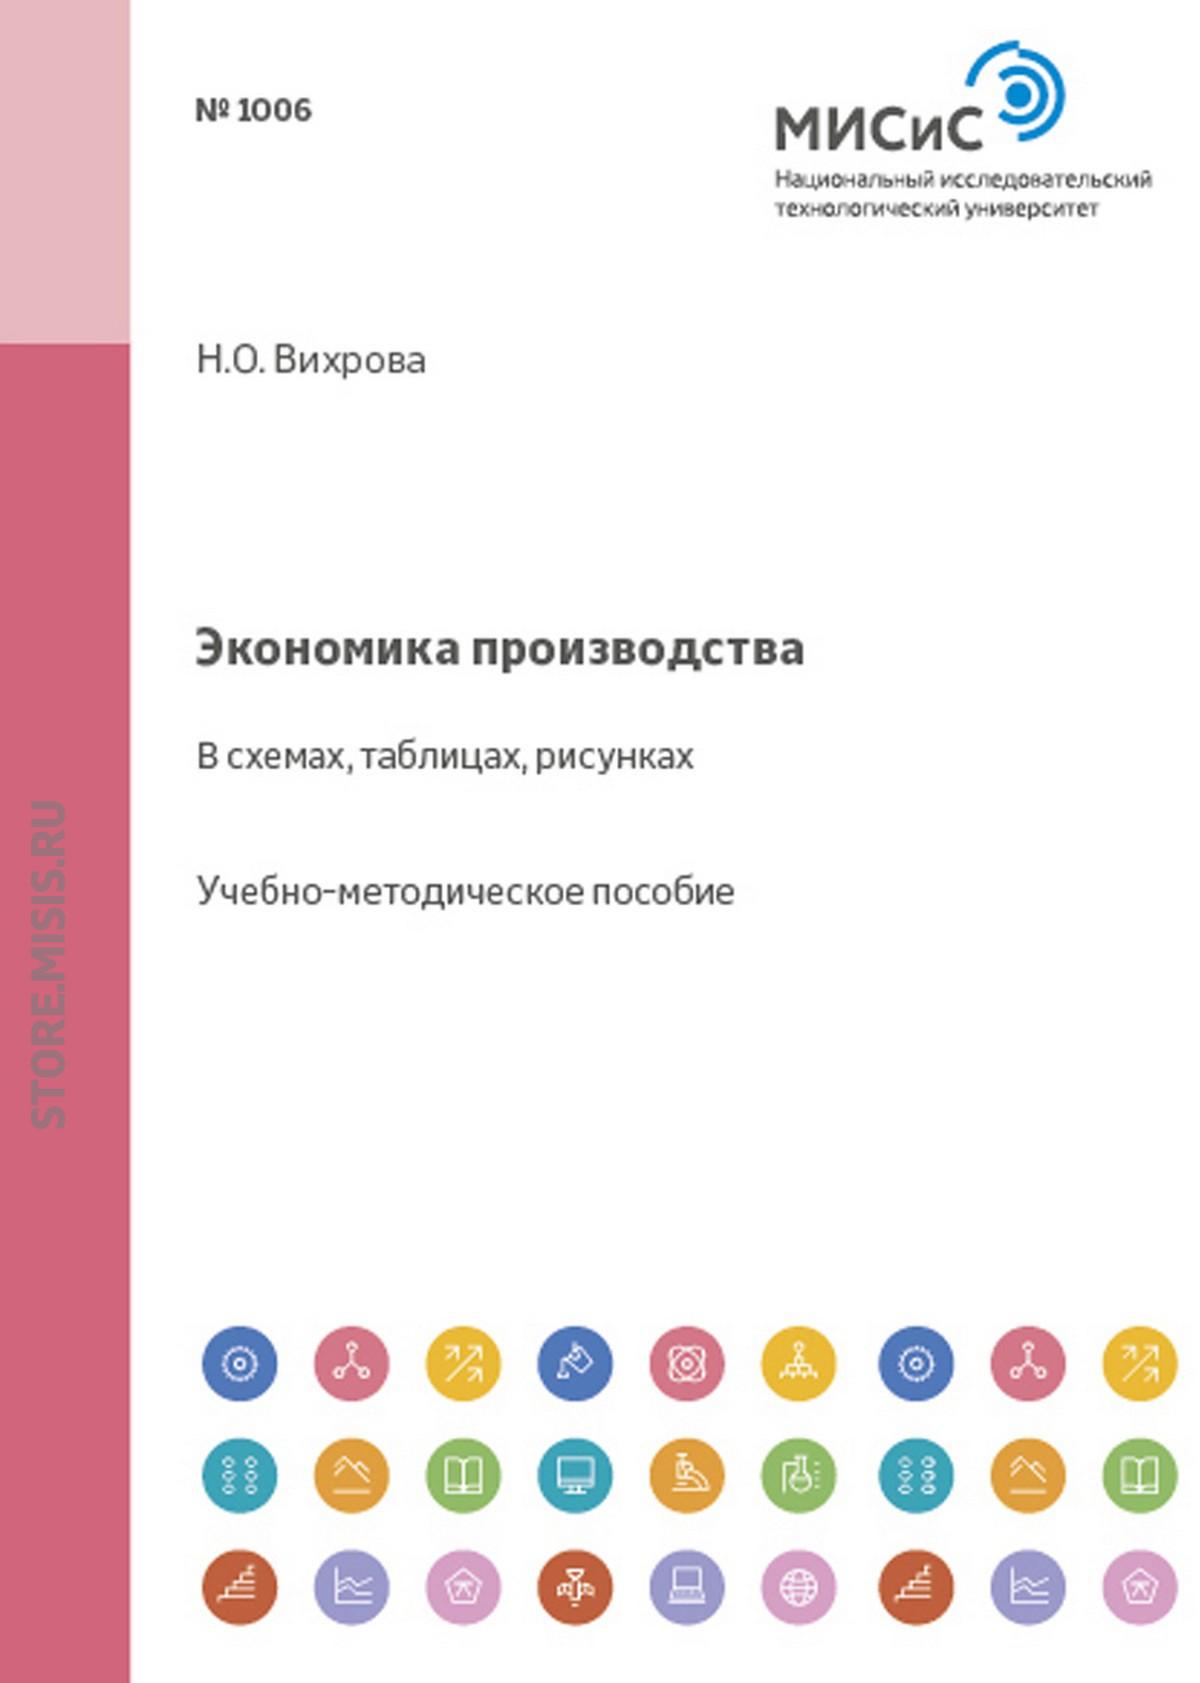 Наталья Вихрова Экономика производства в схемах, таблицах, рисунках наталья вихрова экономика производства виды ценных бумаг